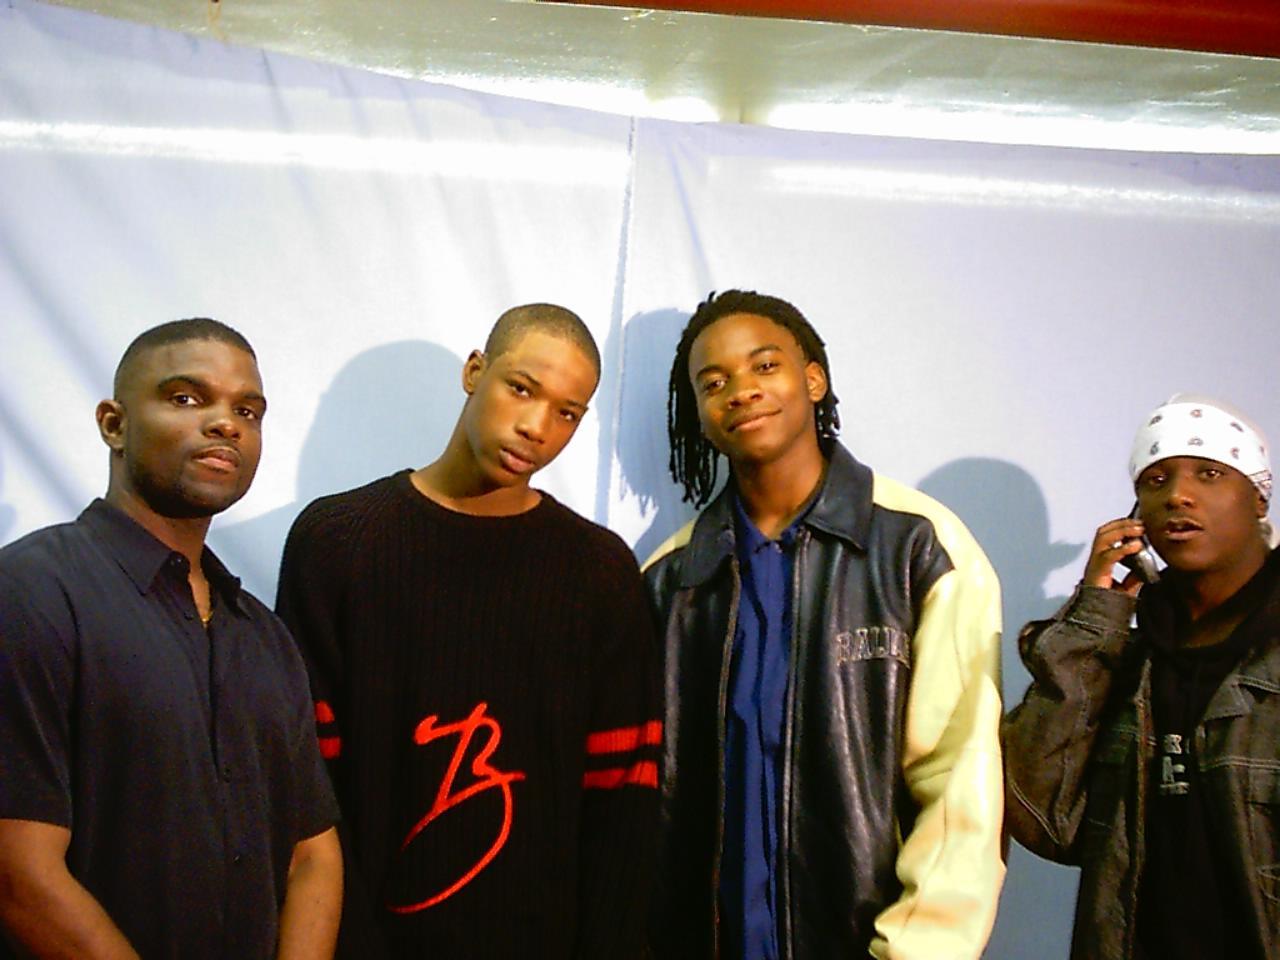 Brotherspics3 039